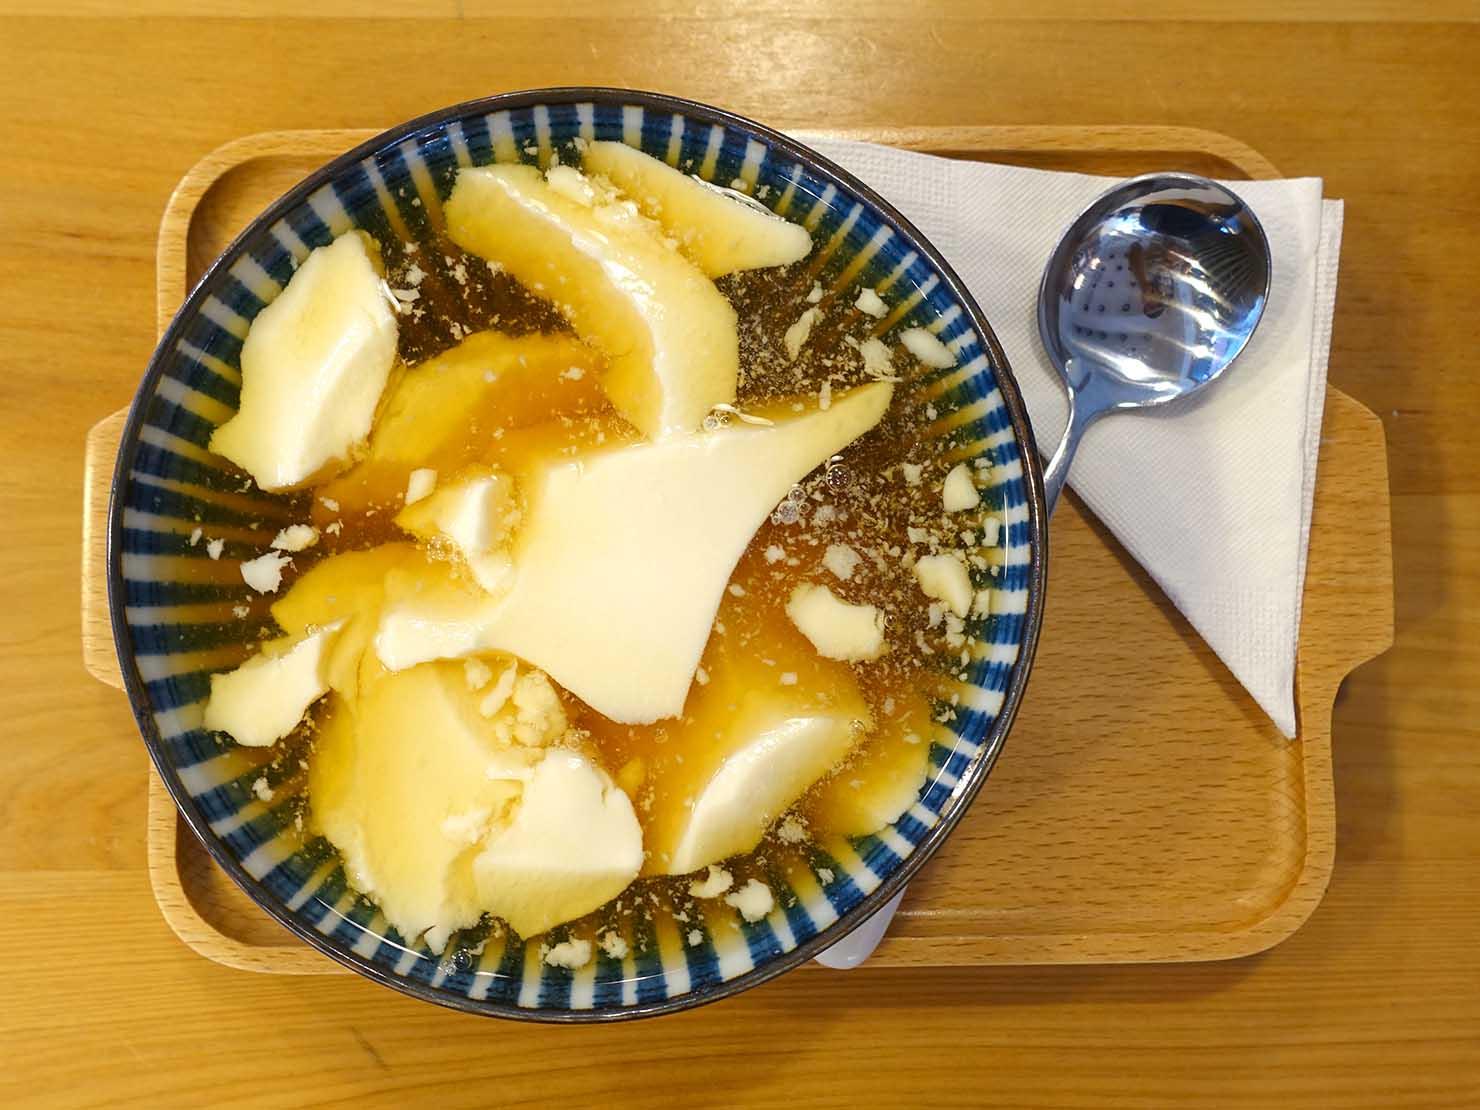 台北・永康街の豆花がいただけるお店「其實豆製所」の檸檬豆花